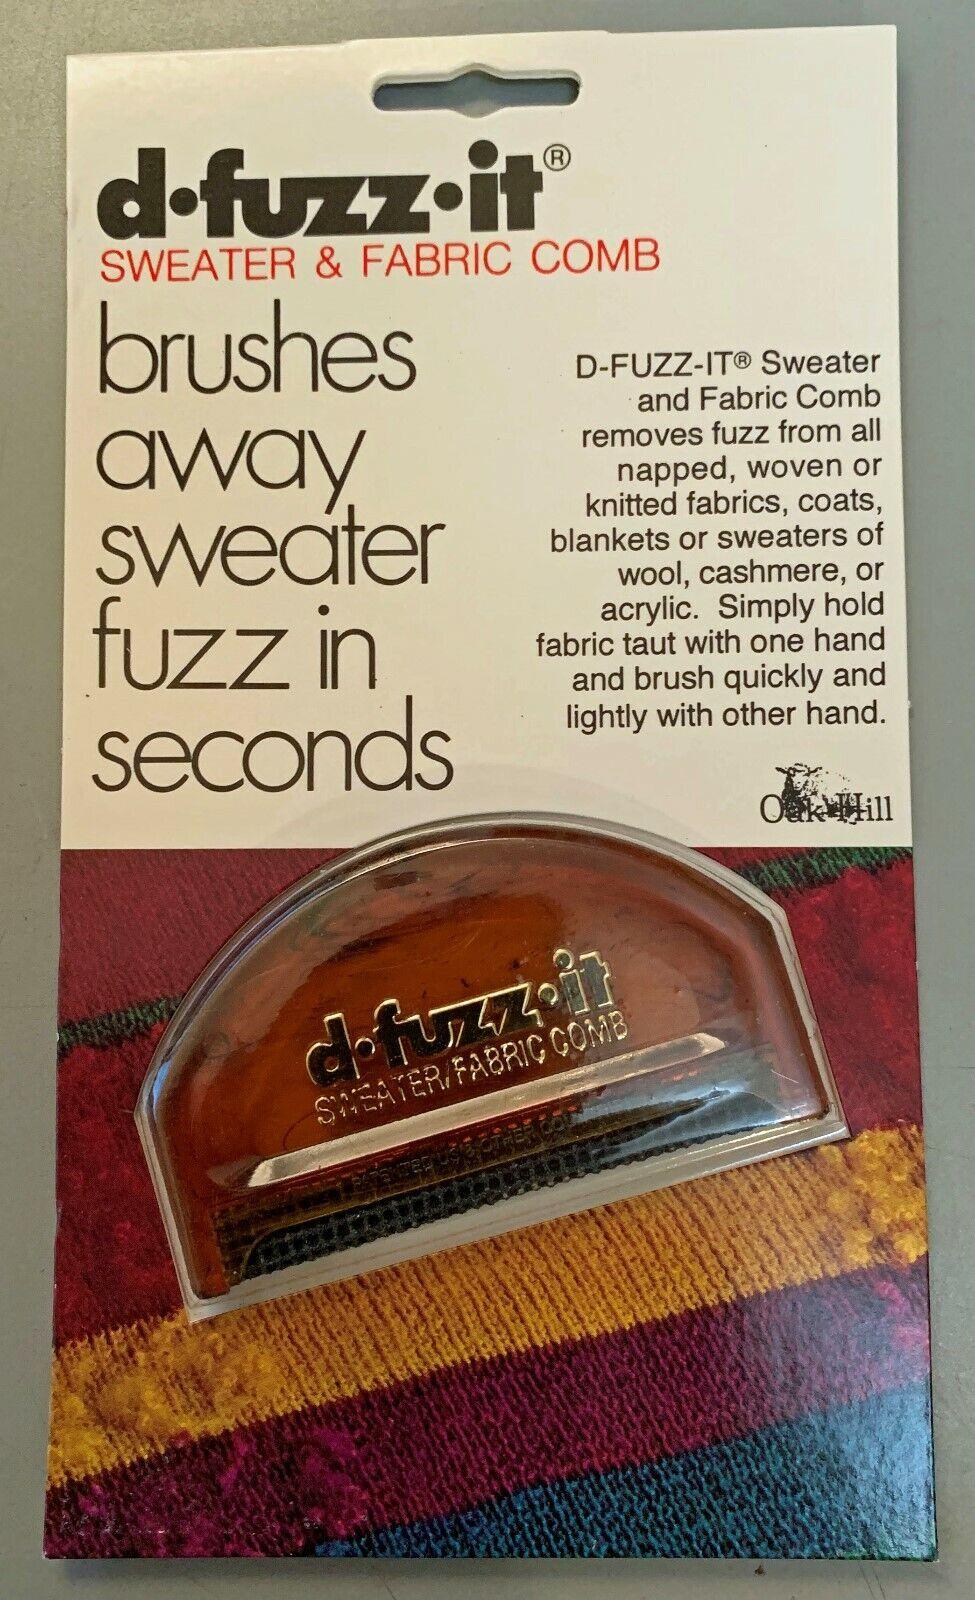 d-fuzz-it, Sweater & Fabric Comb